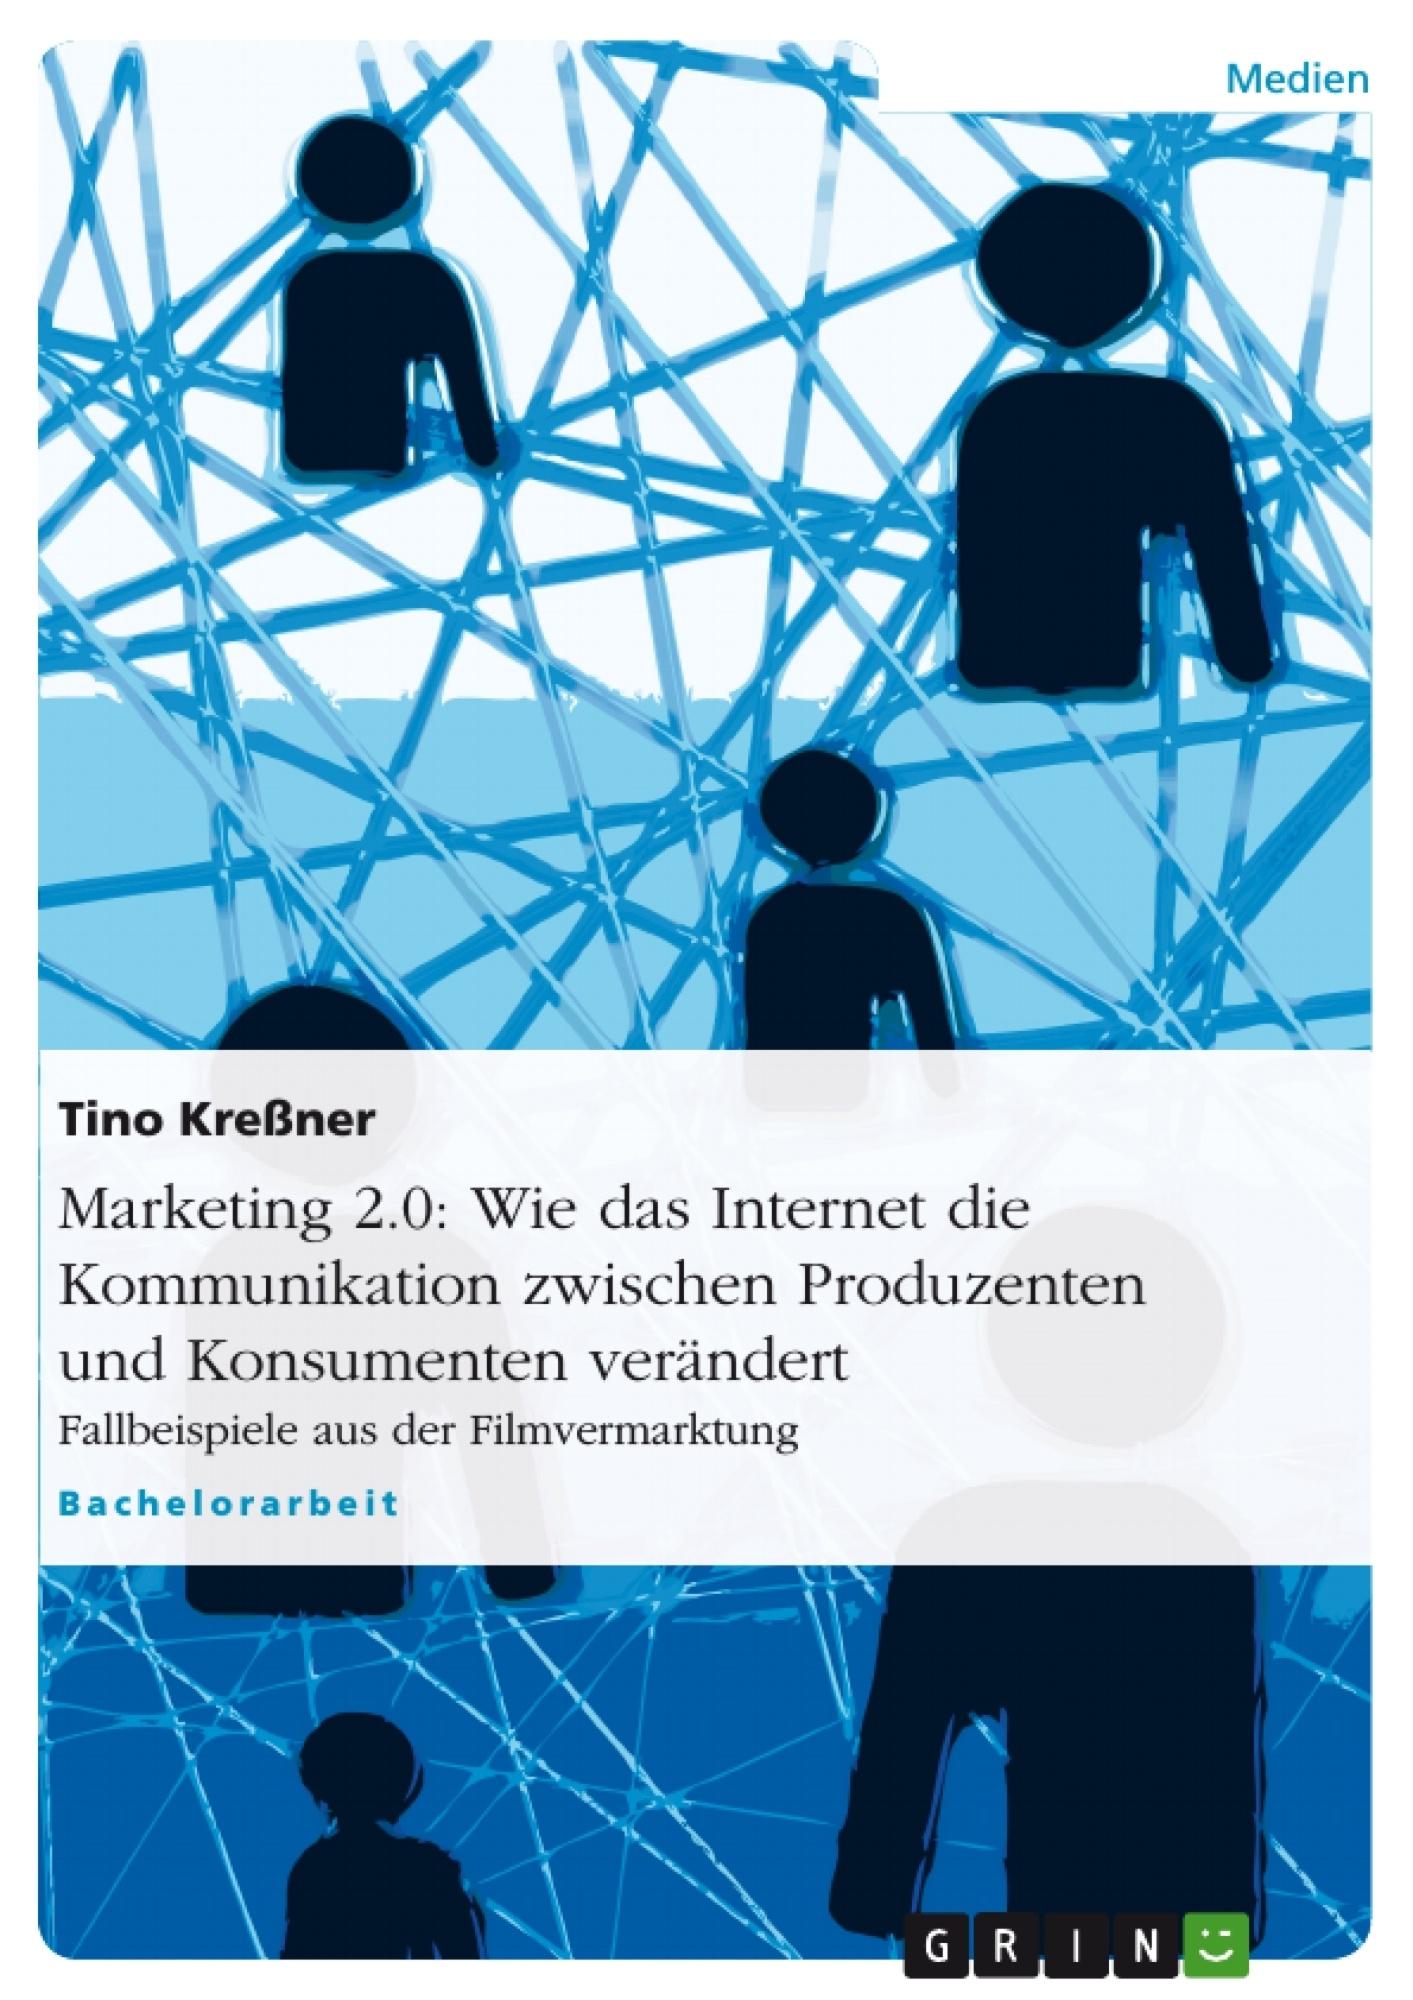 Marketing 2.0: Wie das Internet die Kommunikation zwischen ...